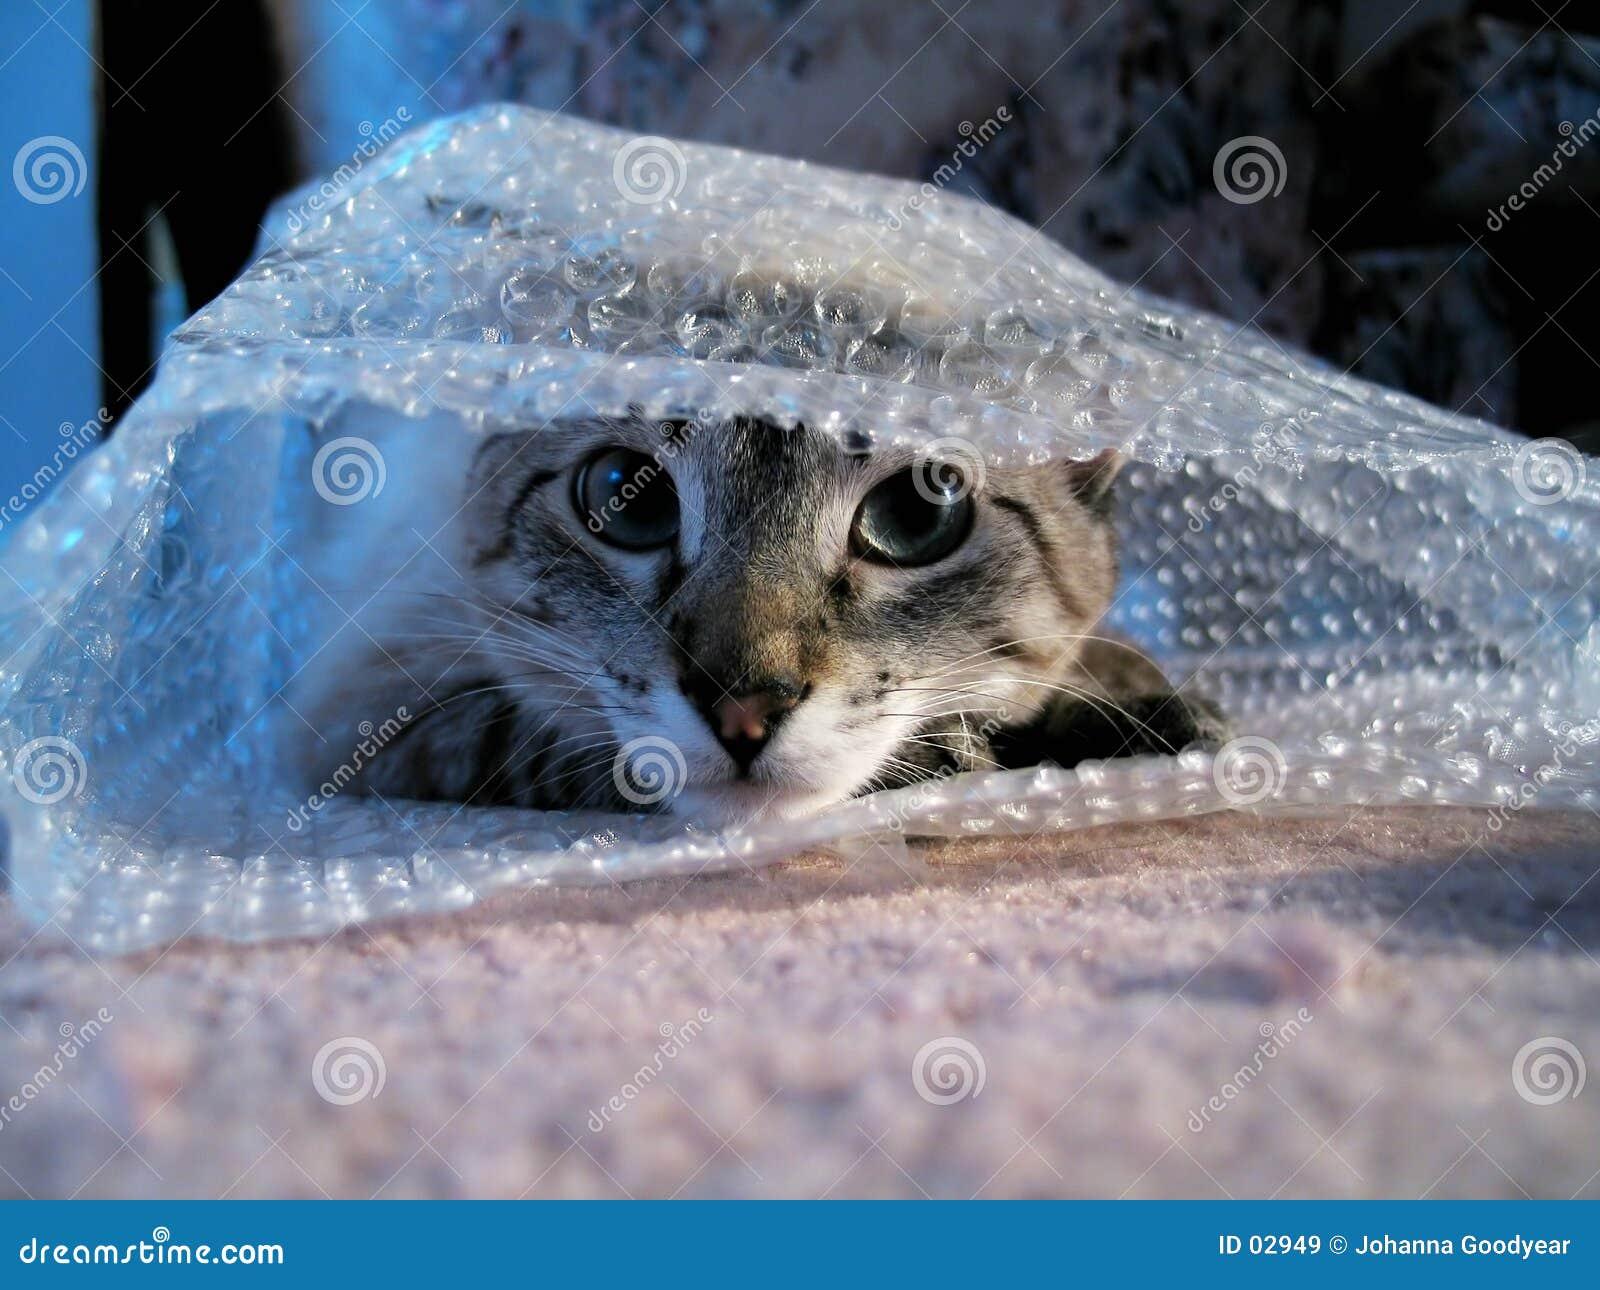 Cat in Bubble Wrap